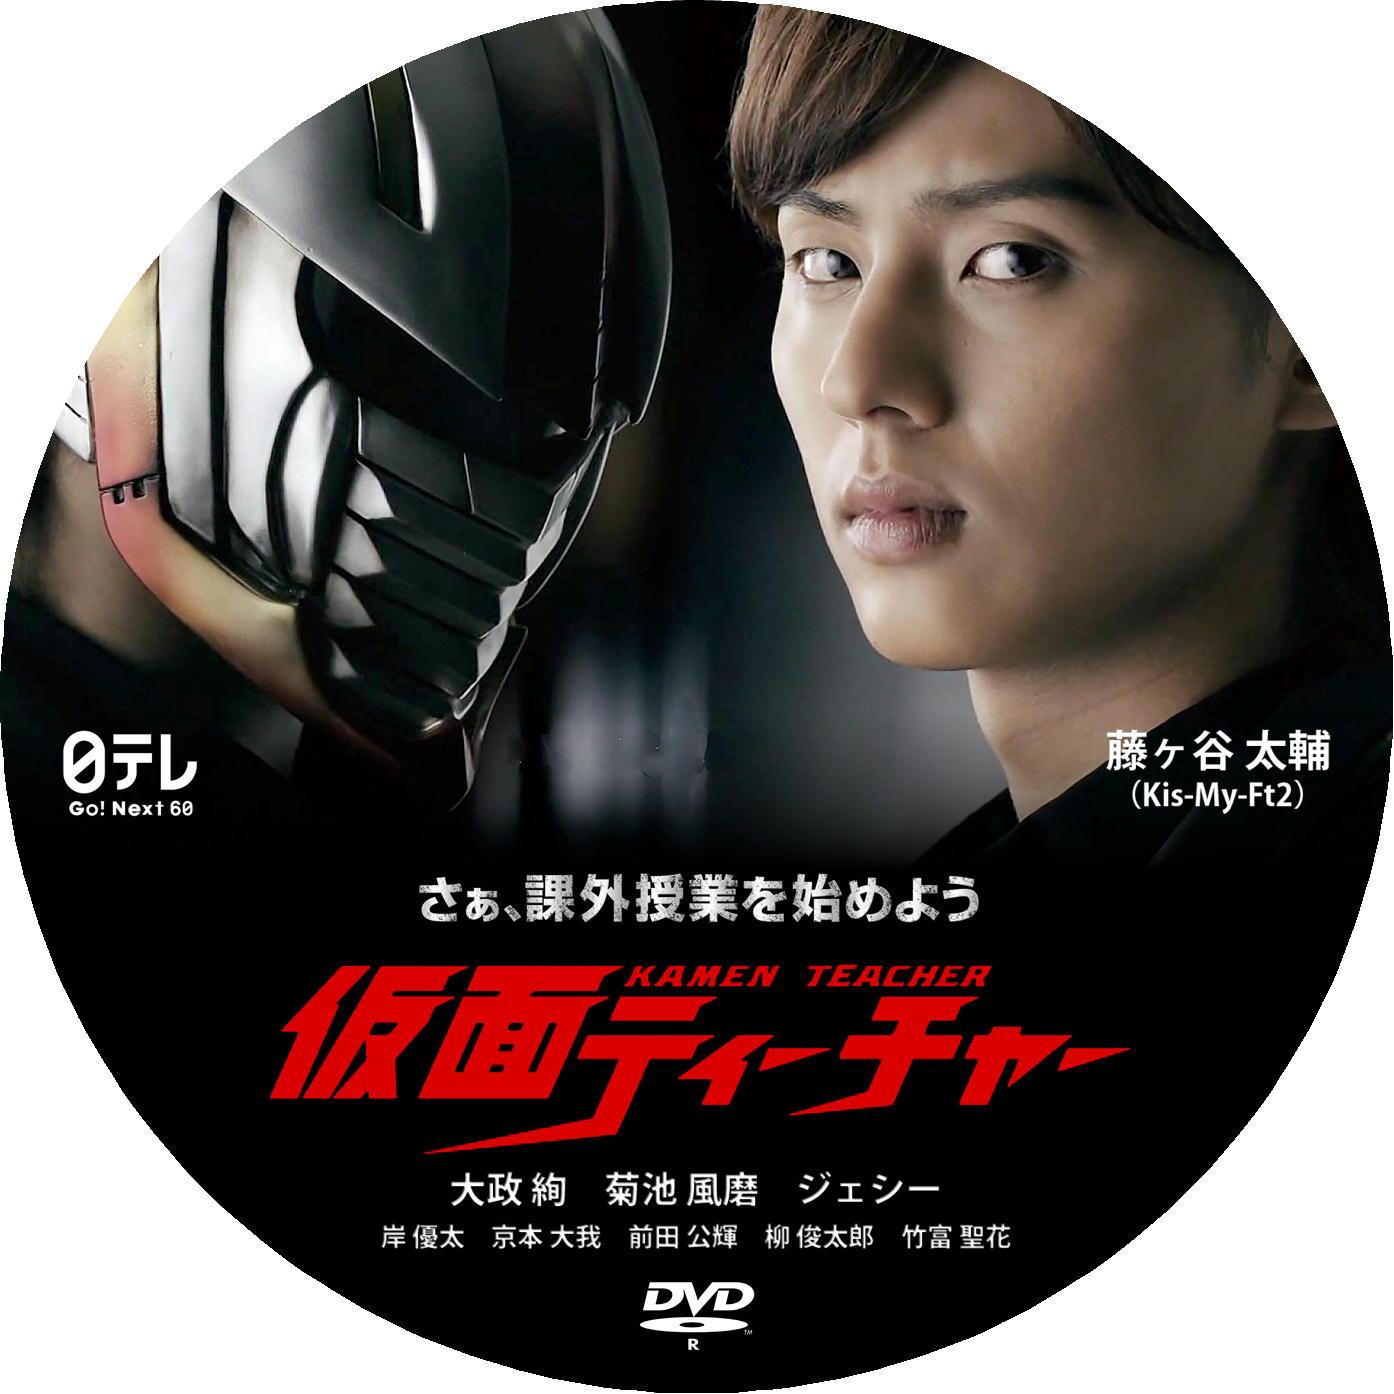 仮面ティーチャー DVDラベル